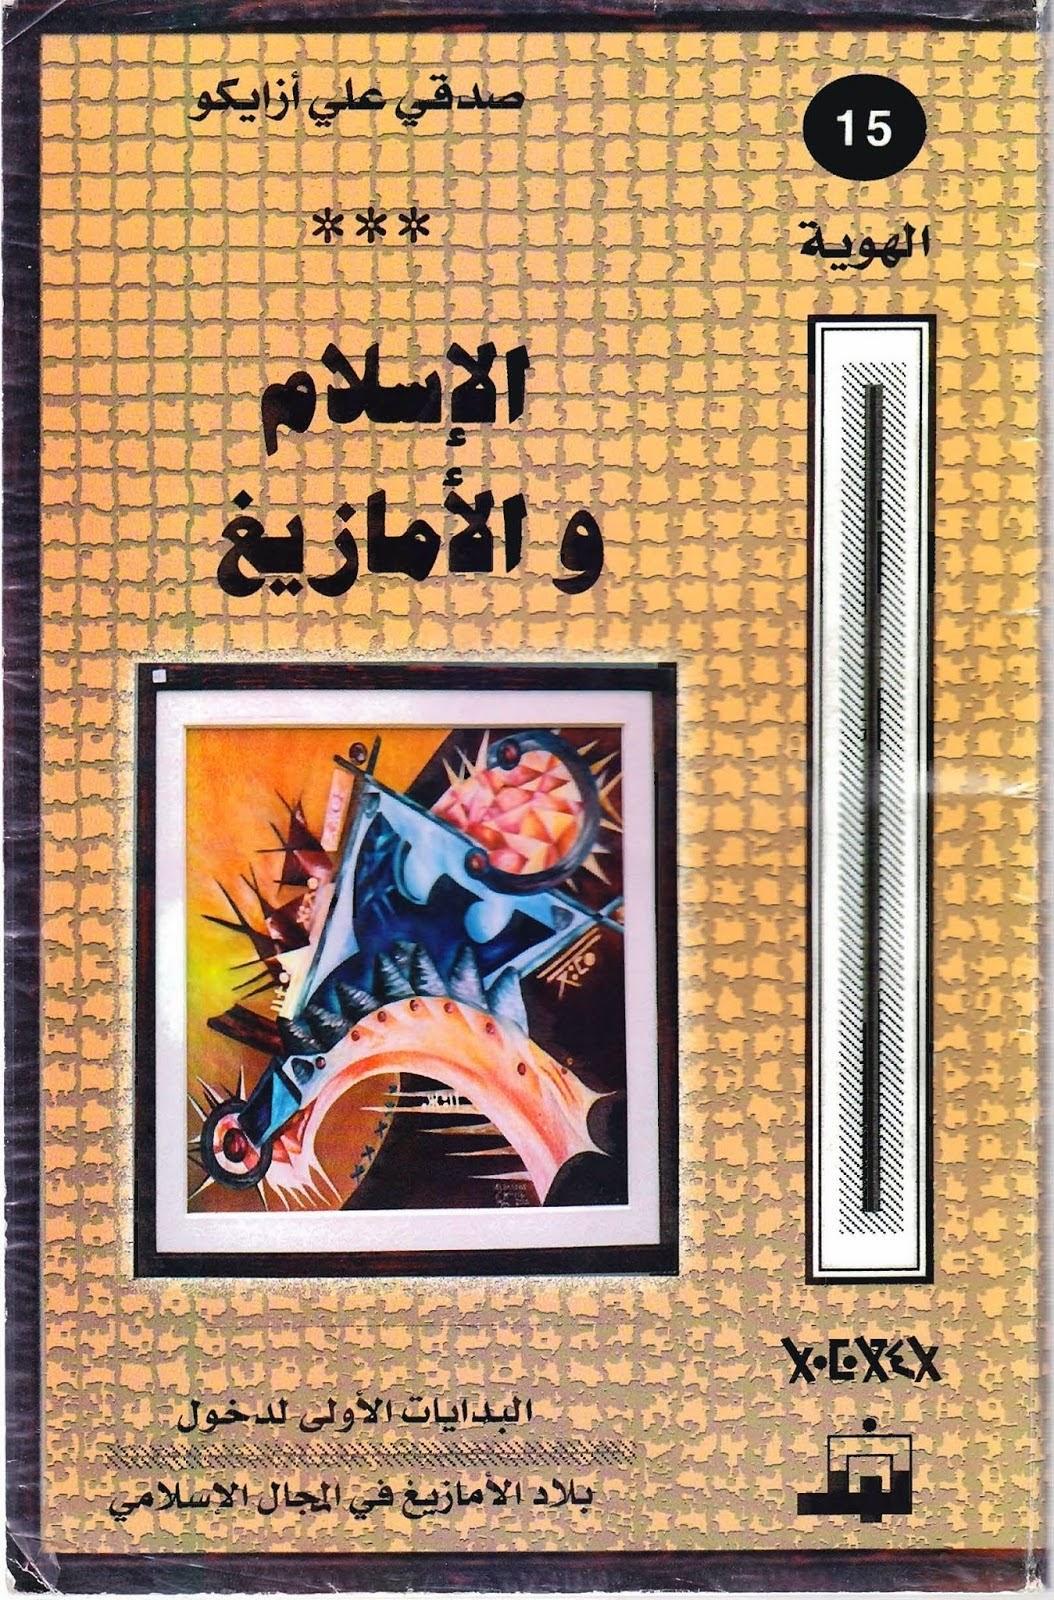 الإسلام والأمازيغ : البدايات الأولى لدخول بلاد الأمازيغ في المجال الاسلامي - صدقي علي أزايكو